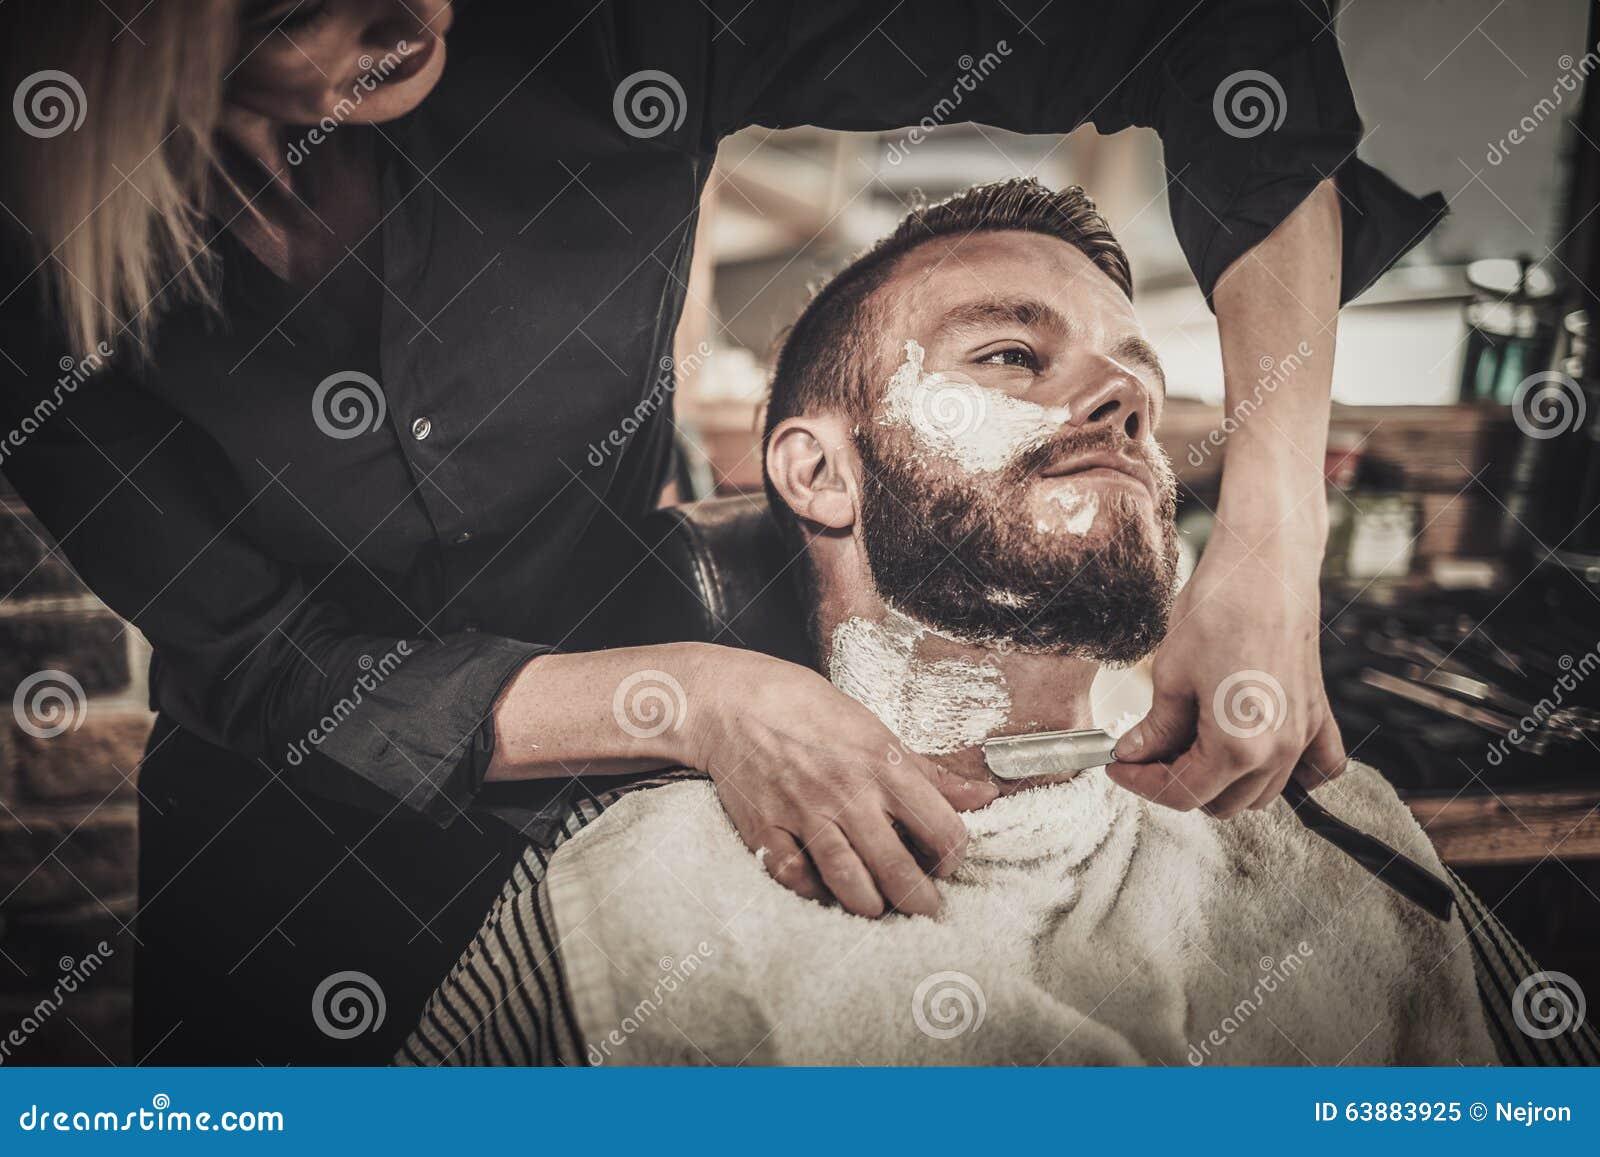 beard shaving in barber shop stock image image 63883925. Black Bedroom Furniture Sets. Home Design Ideas